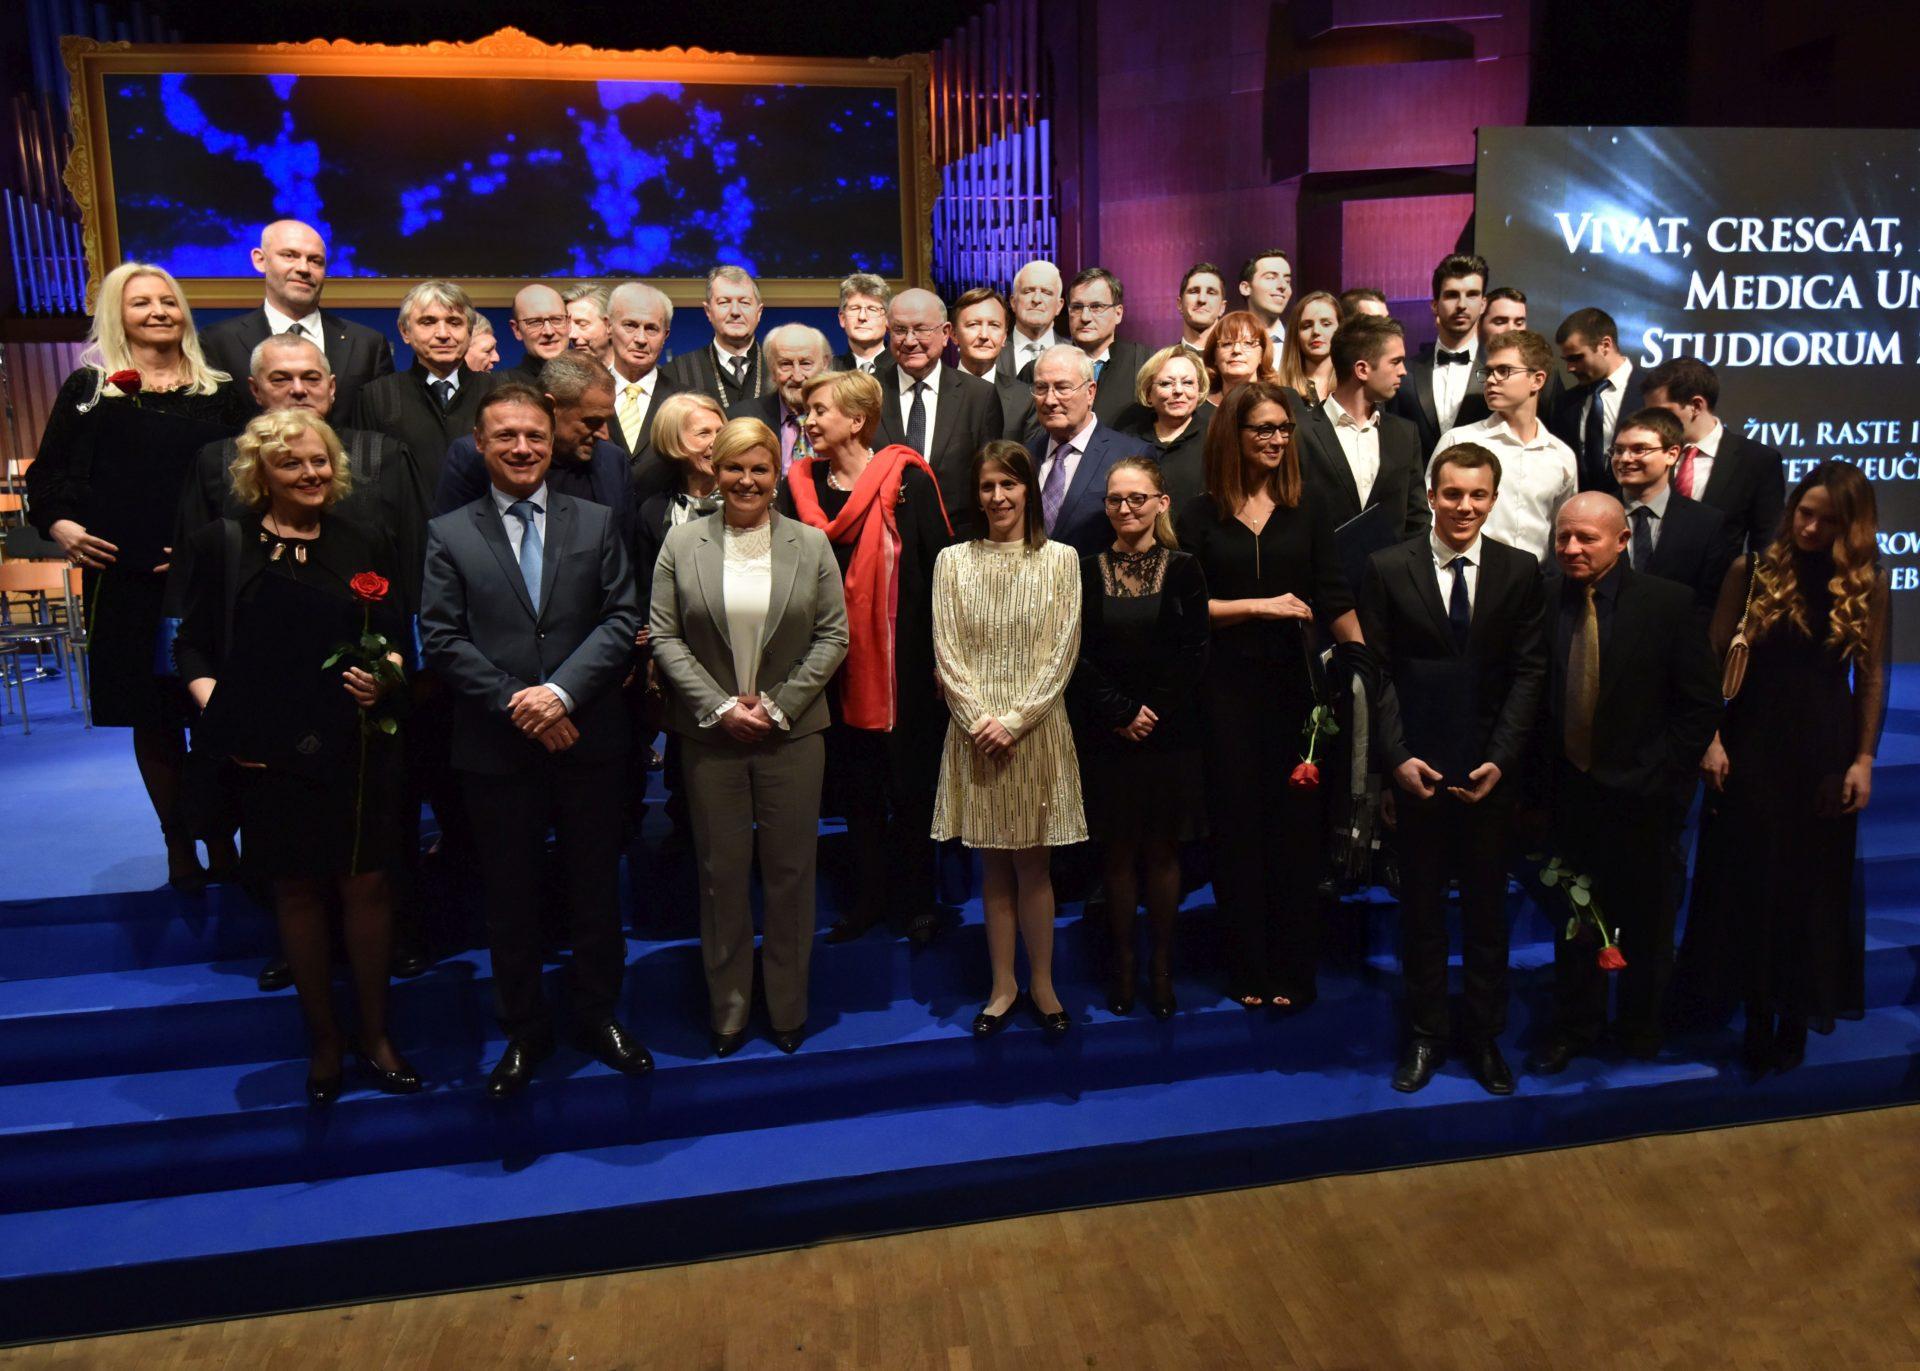 Obilježena 100. obljetnica Medicinskog fakulteta Sveučilišta u Zagrebu